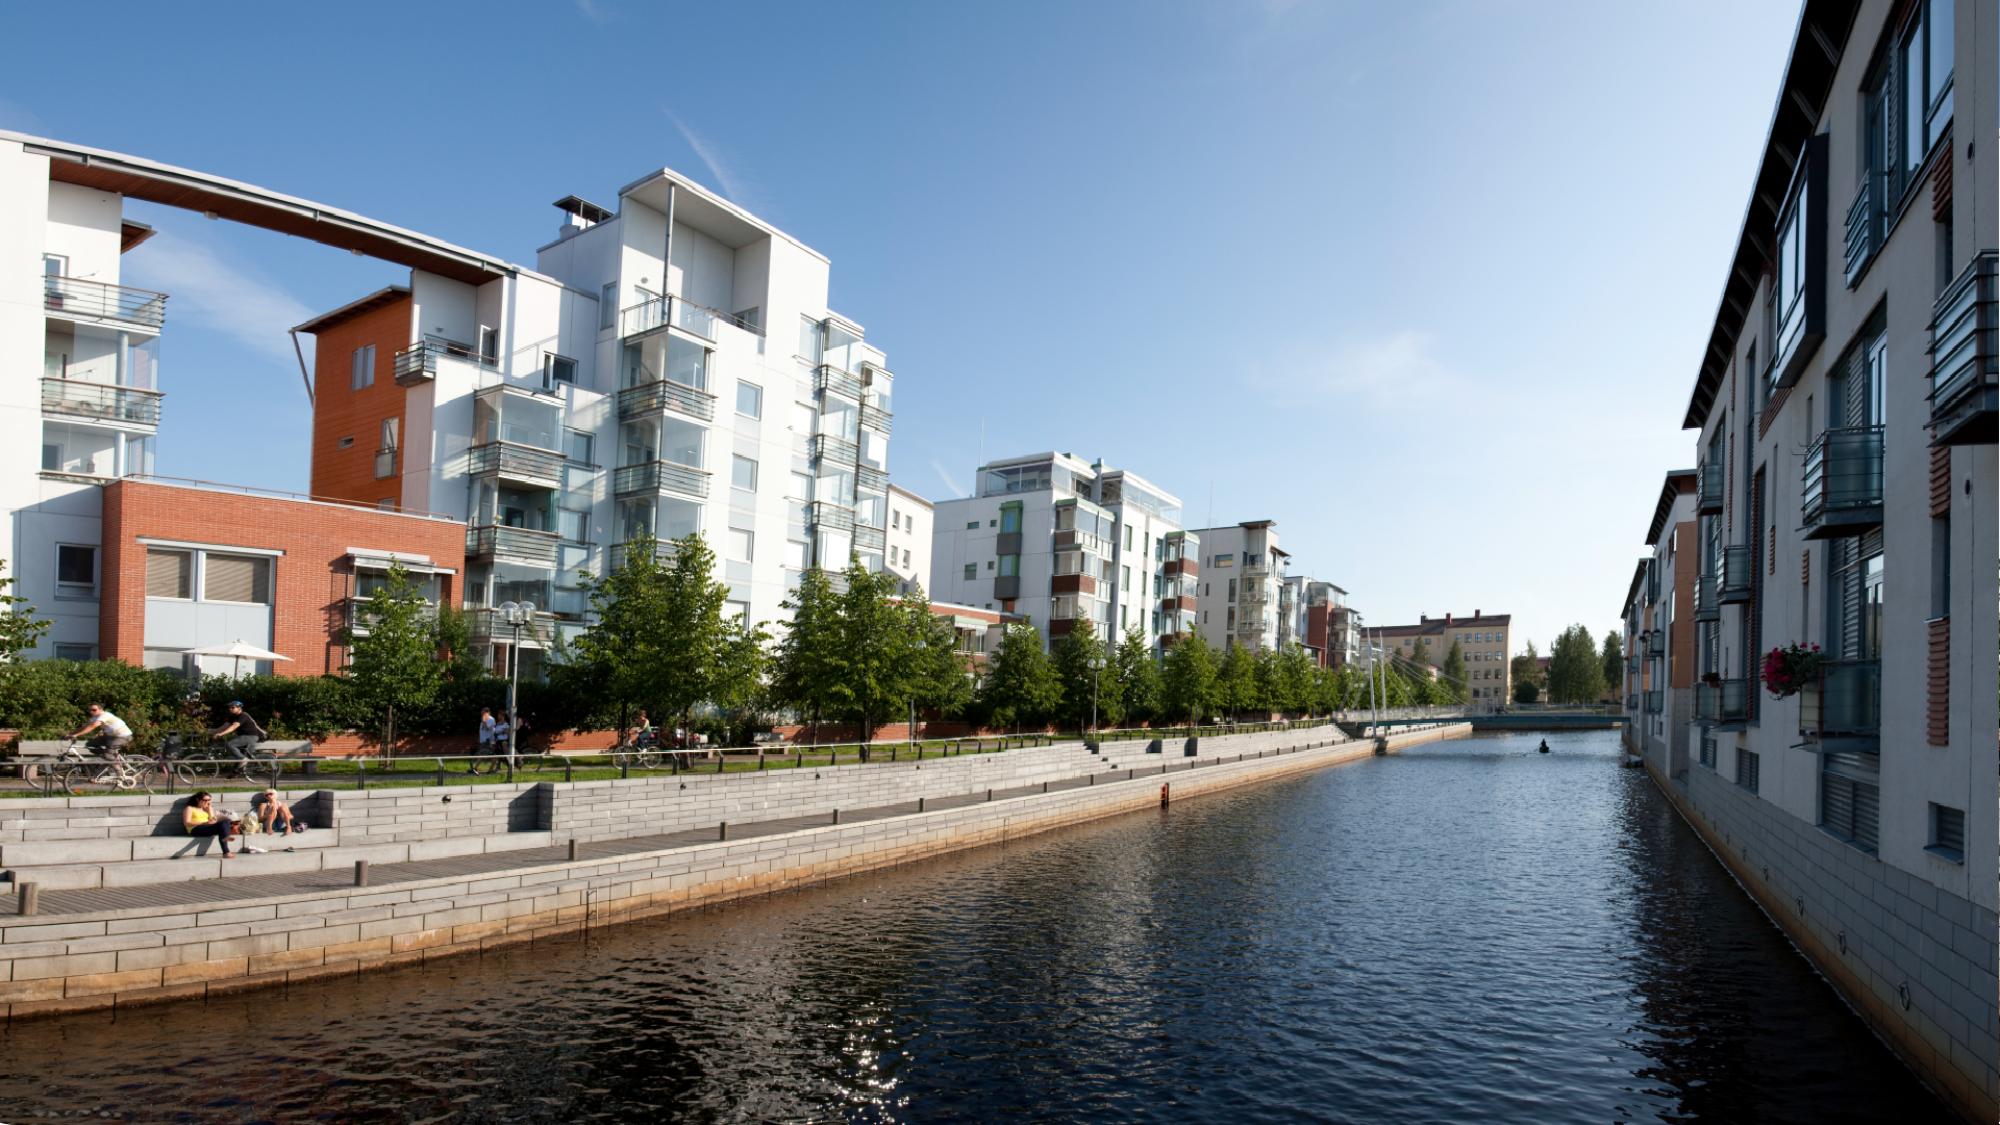 Oulun Meritullin kaupunginosa ja Kiikelin saari